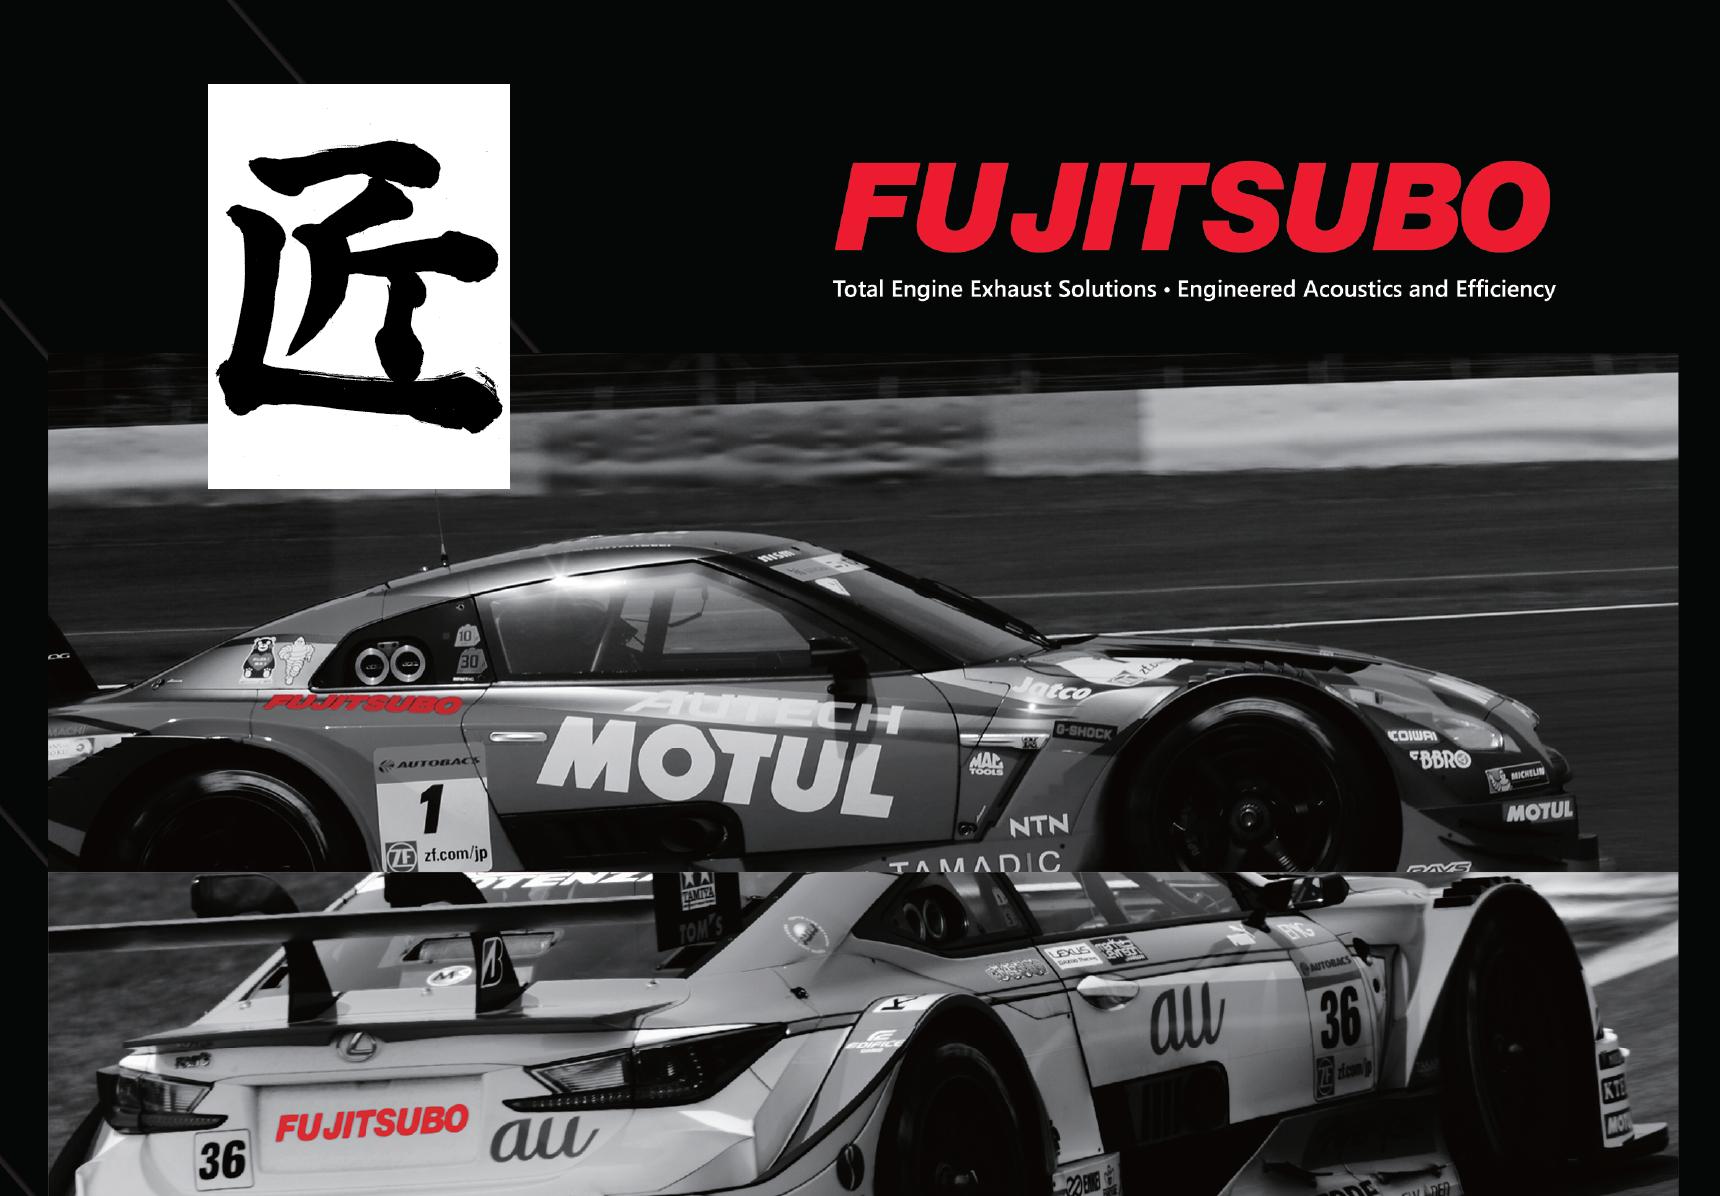 Fujitsubo Products